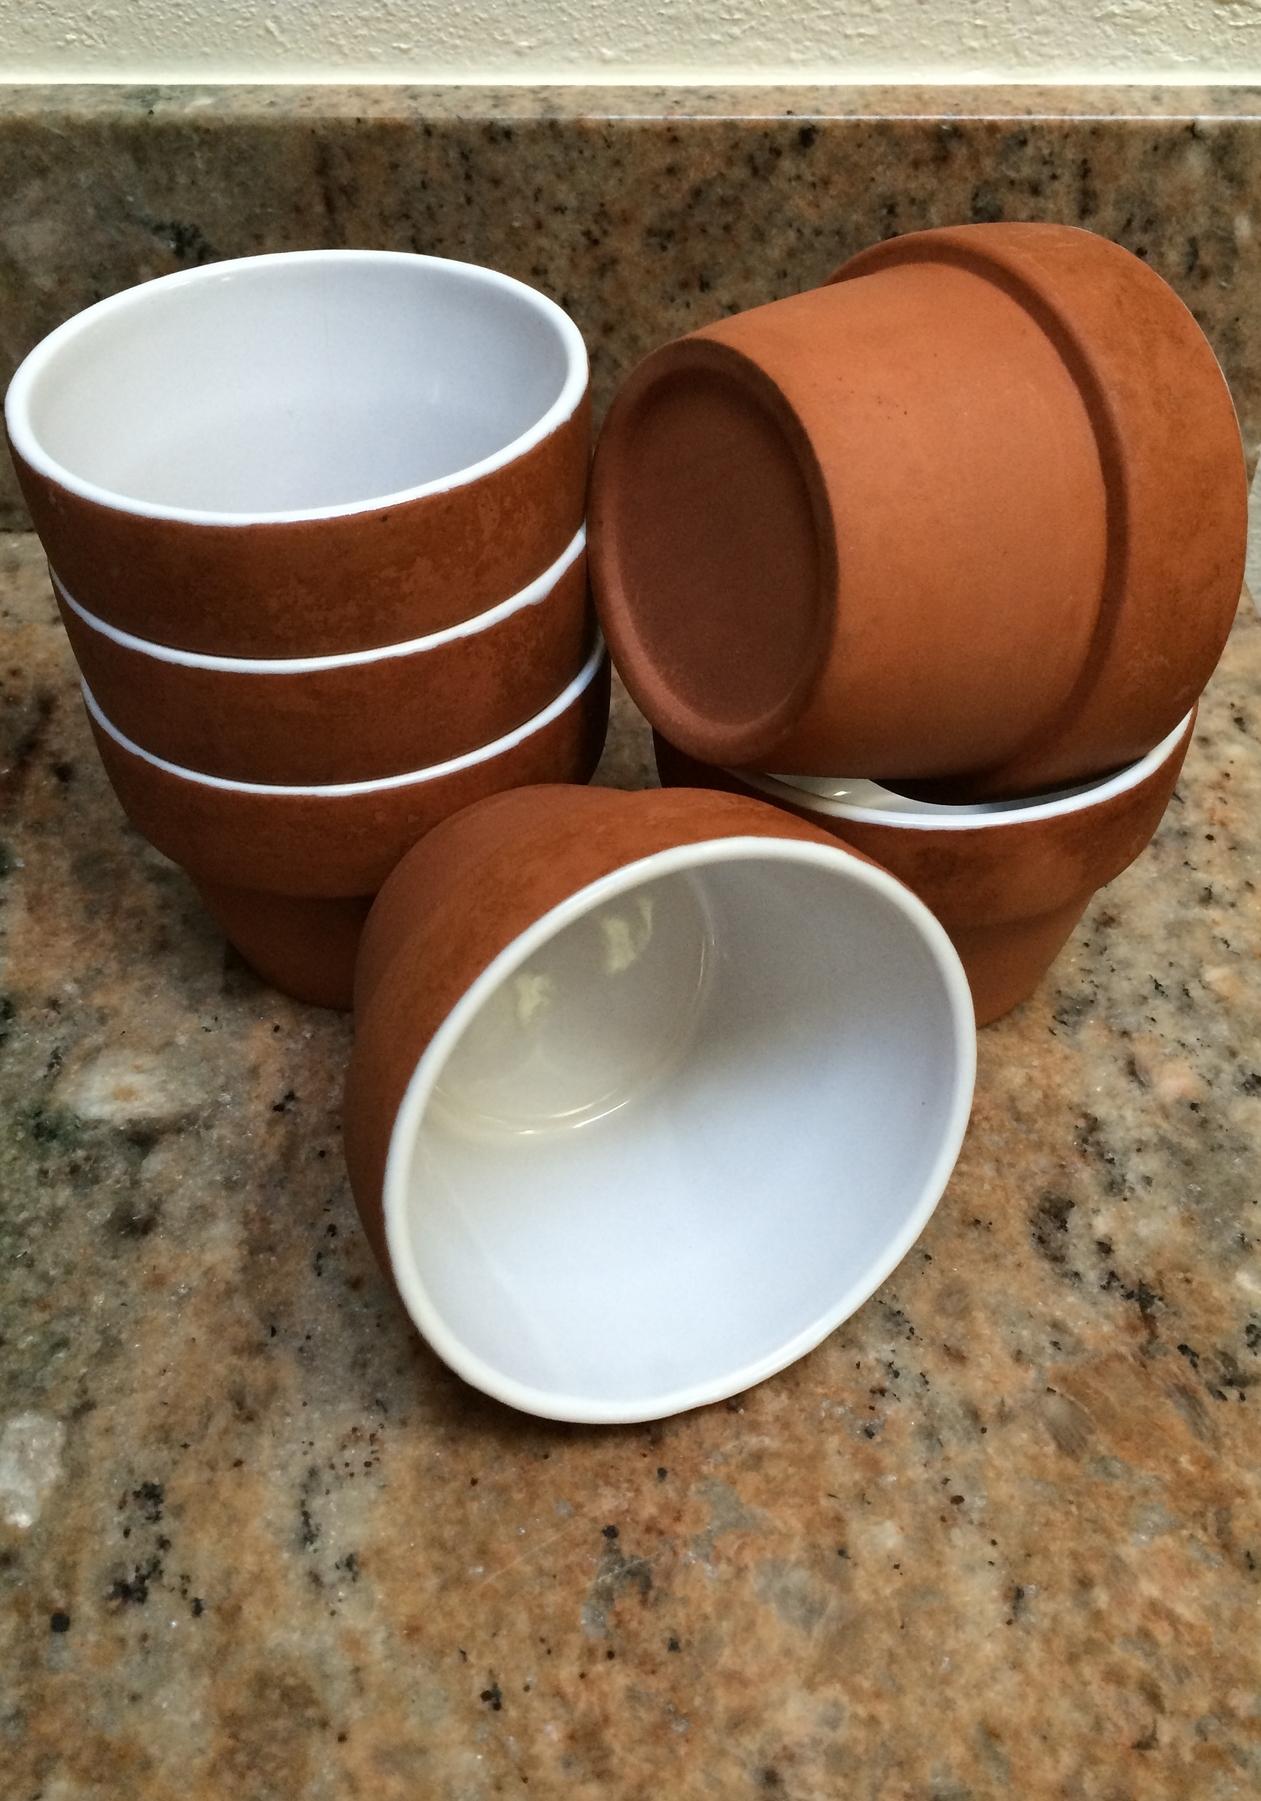 terracottamuffincups.jpg